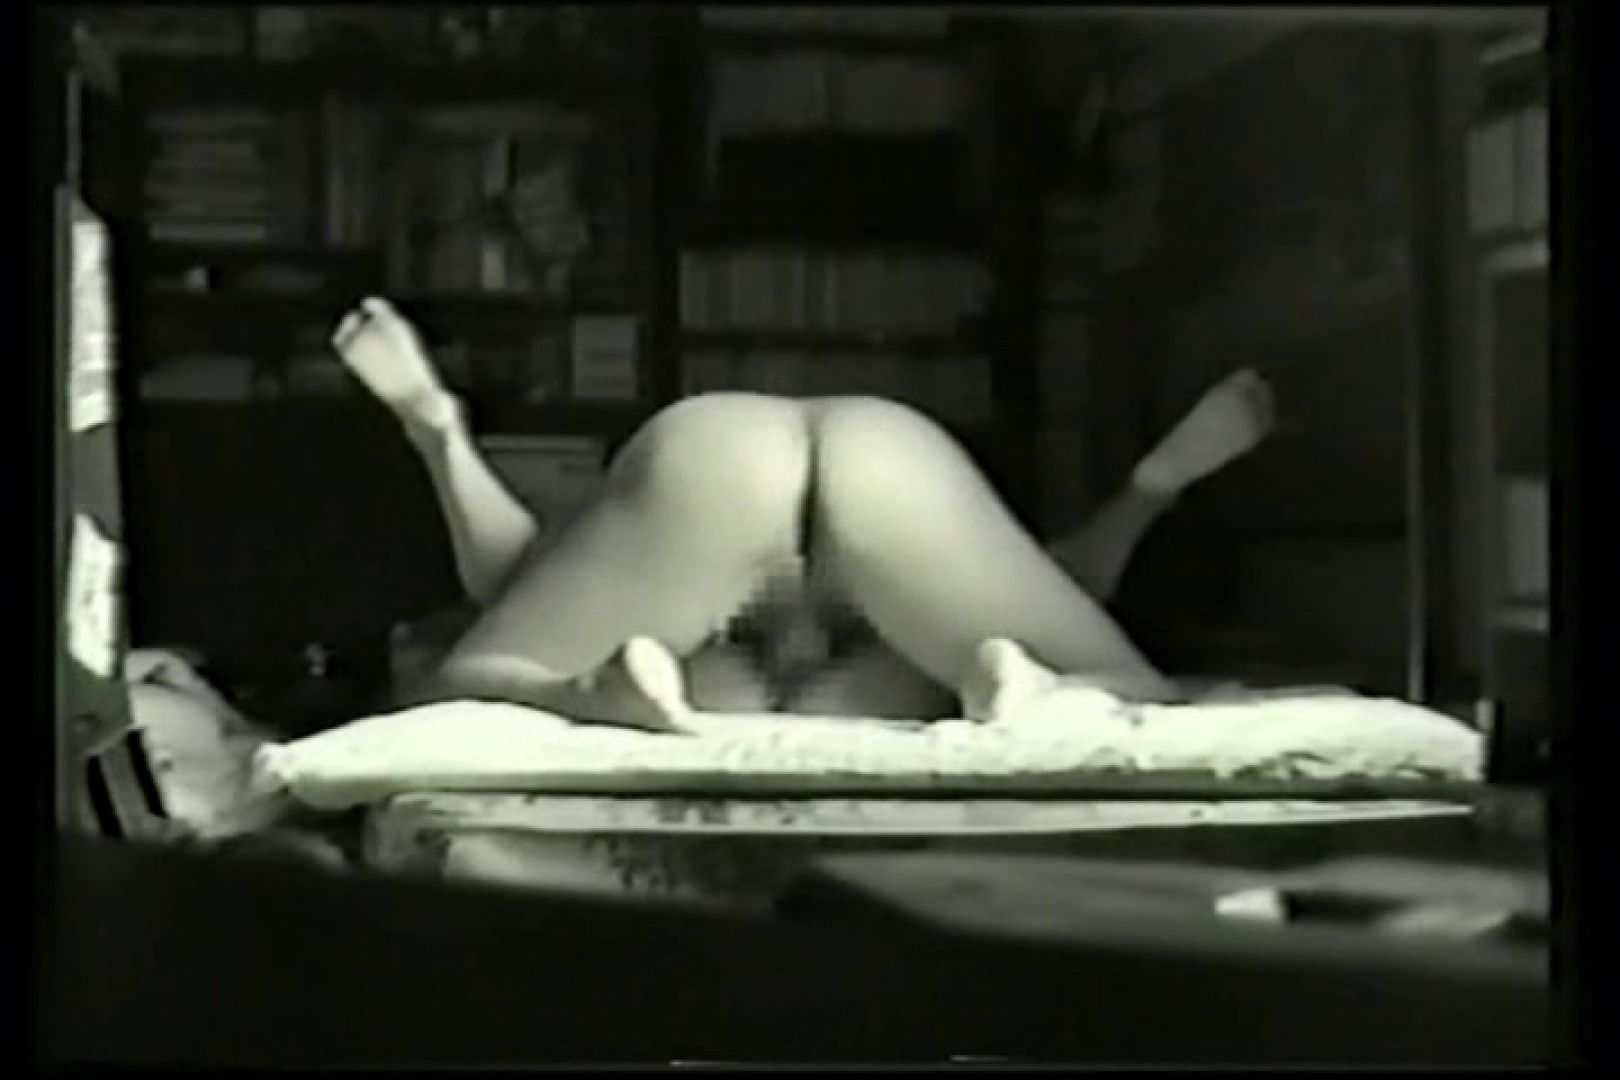 素人嬢をホテルに連れ込みアンナ事・コンナ事!?Vol.5 ホテル隠し撮り おまんこ動画流出 97pic 47